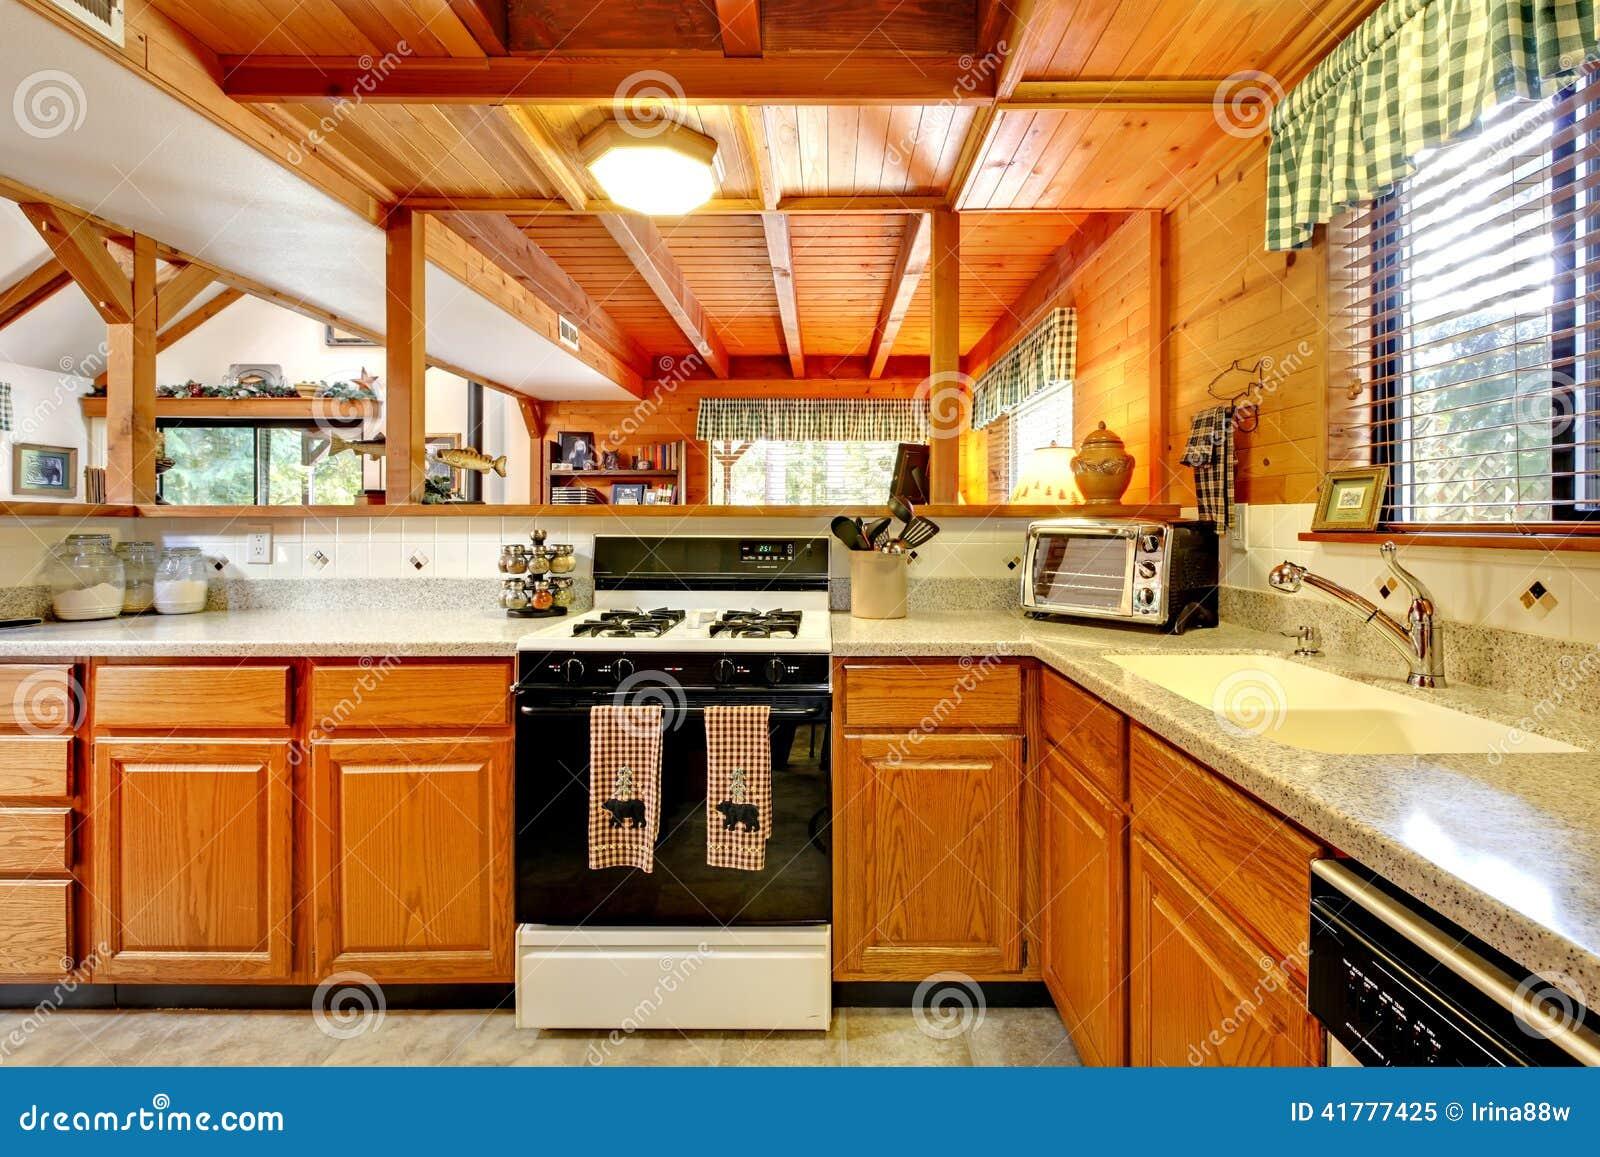 de Stock: Interior da cozinha na casa da cabana rústica de madeira #B84706 1300x957